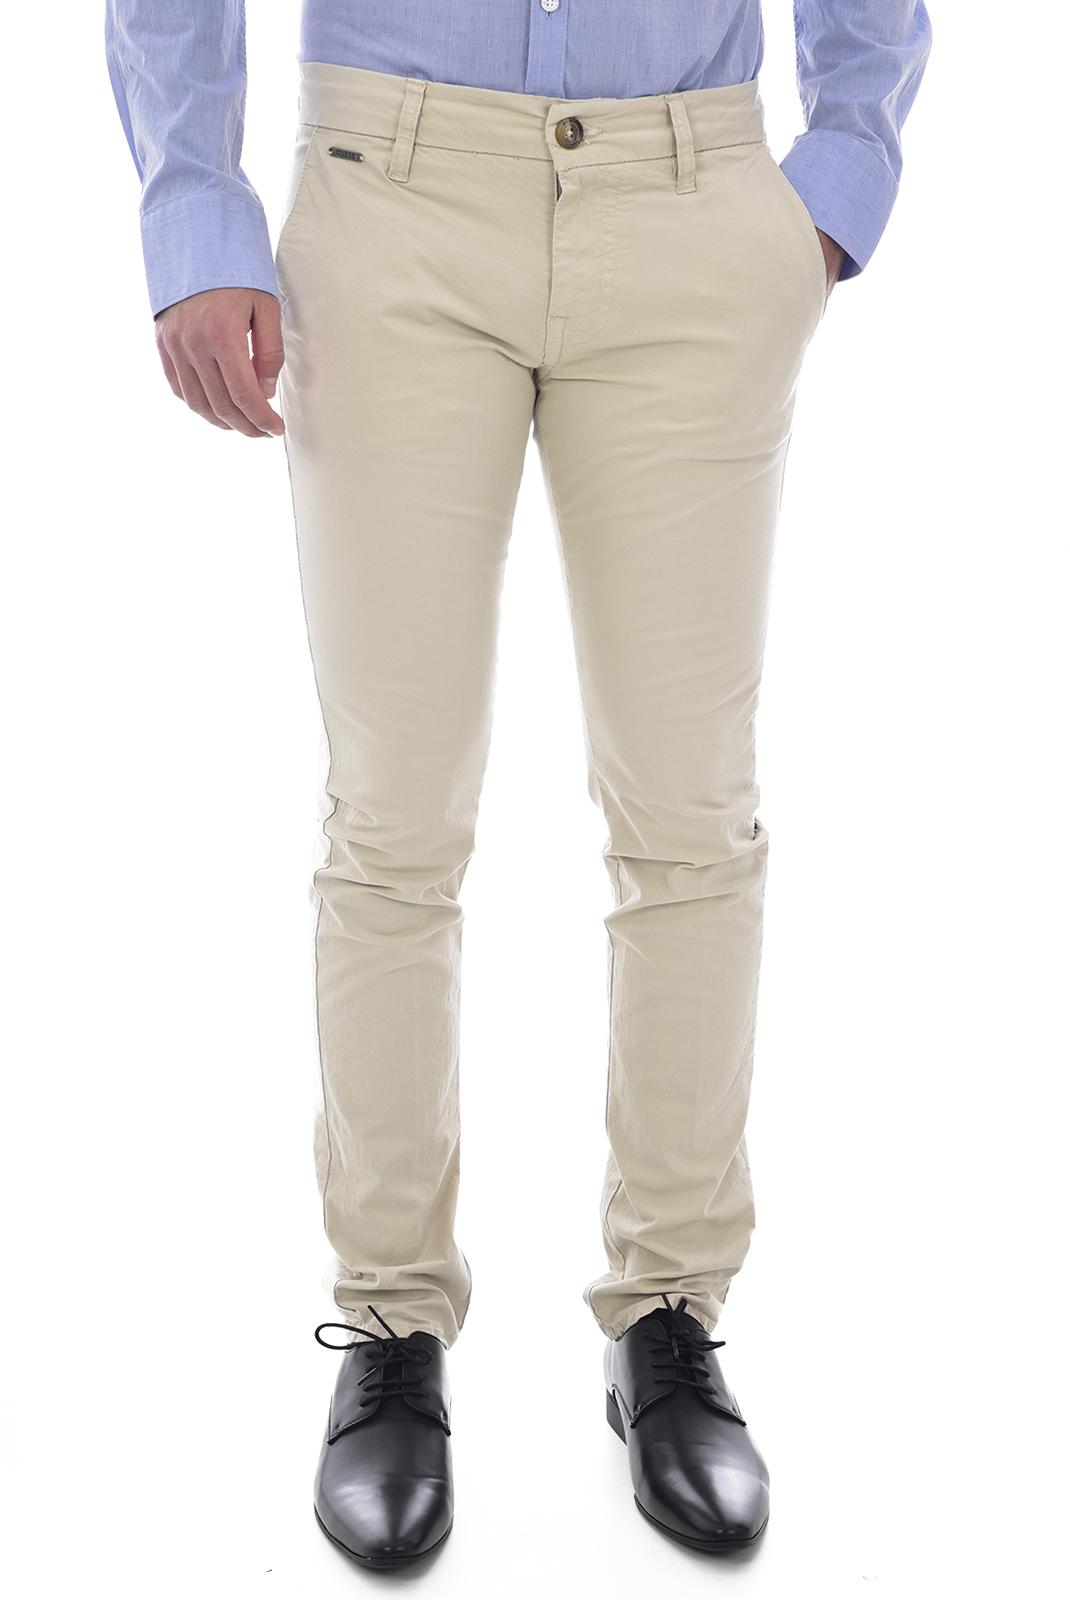 pantalon chino super skinny homme